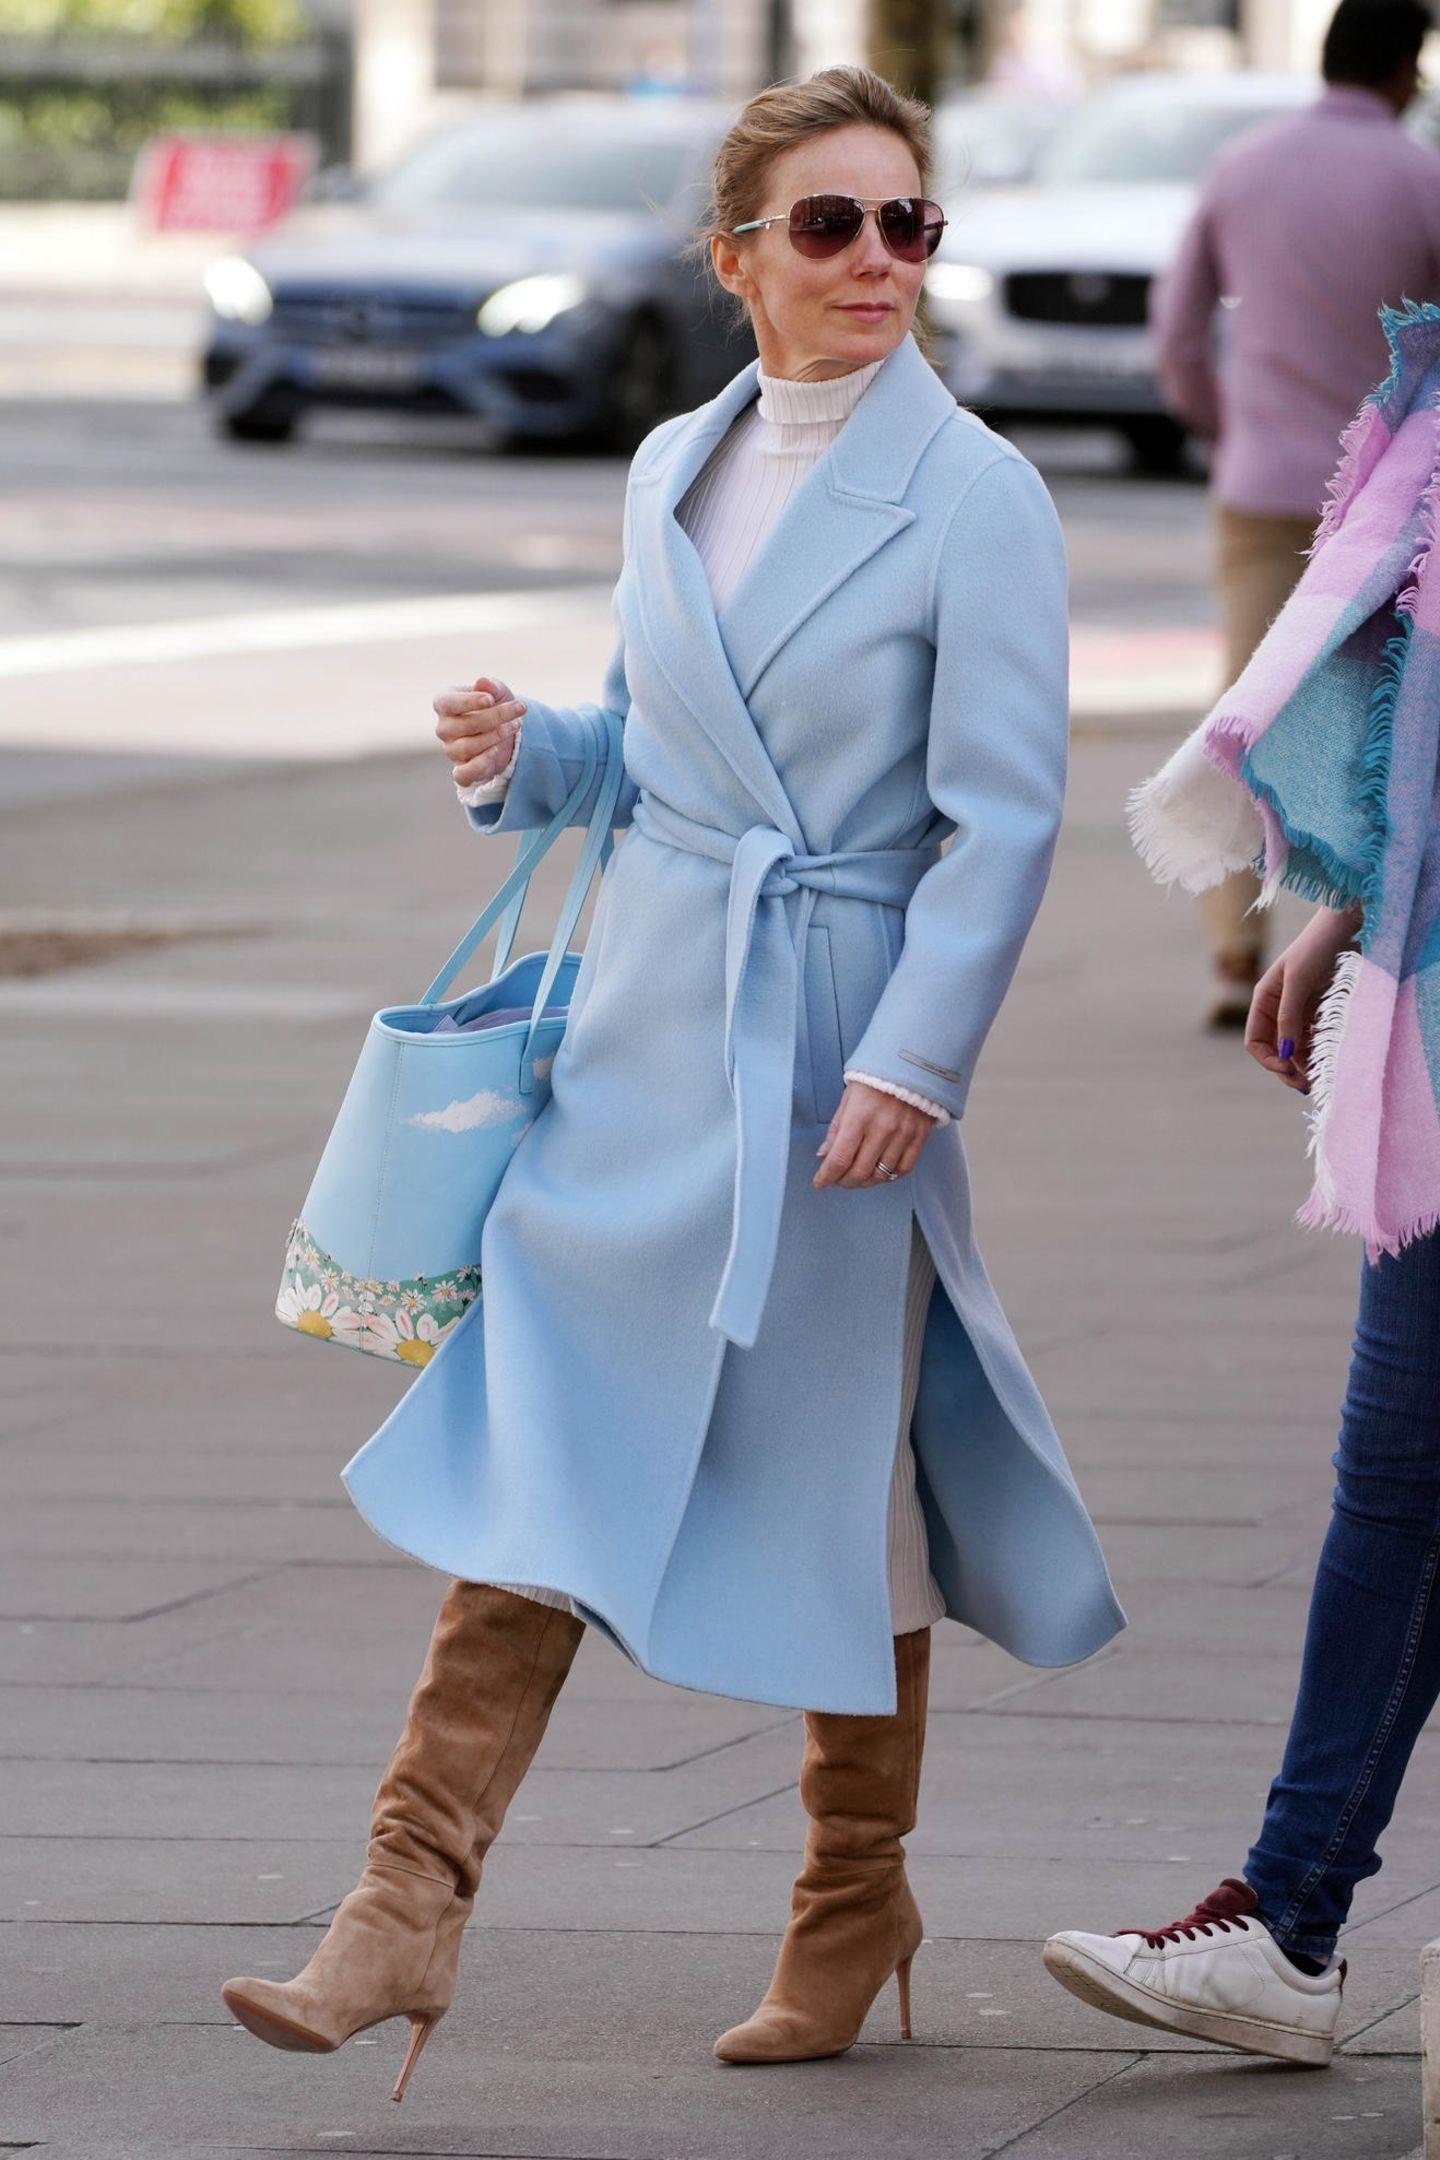 """Zum babyblauen Luxusmantel von Max Mara kombiniert """"Spice Girls""""-Star Geri Horner hohe Wildleder-Stiefel und einen Shopper aus der Disney-Kollektion von Designer Christopher Kane."""